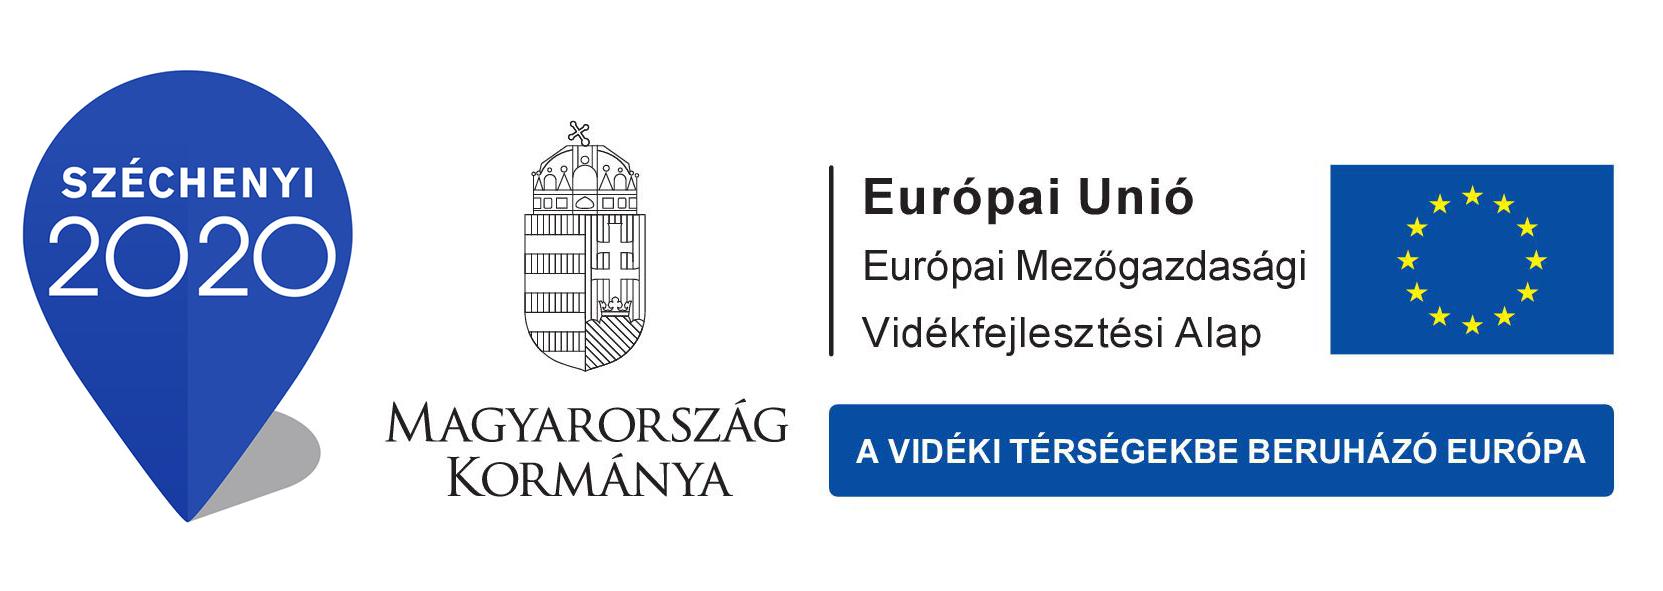 Európai Mezőgazdasági Vidékfejlesztési Alap logó